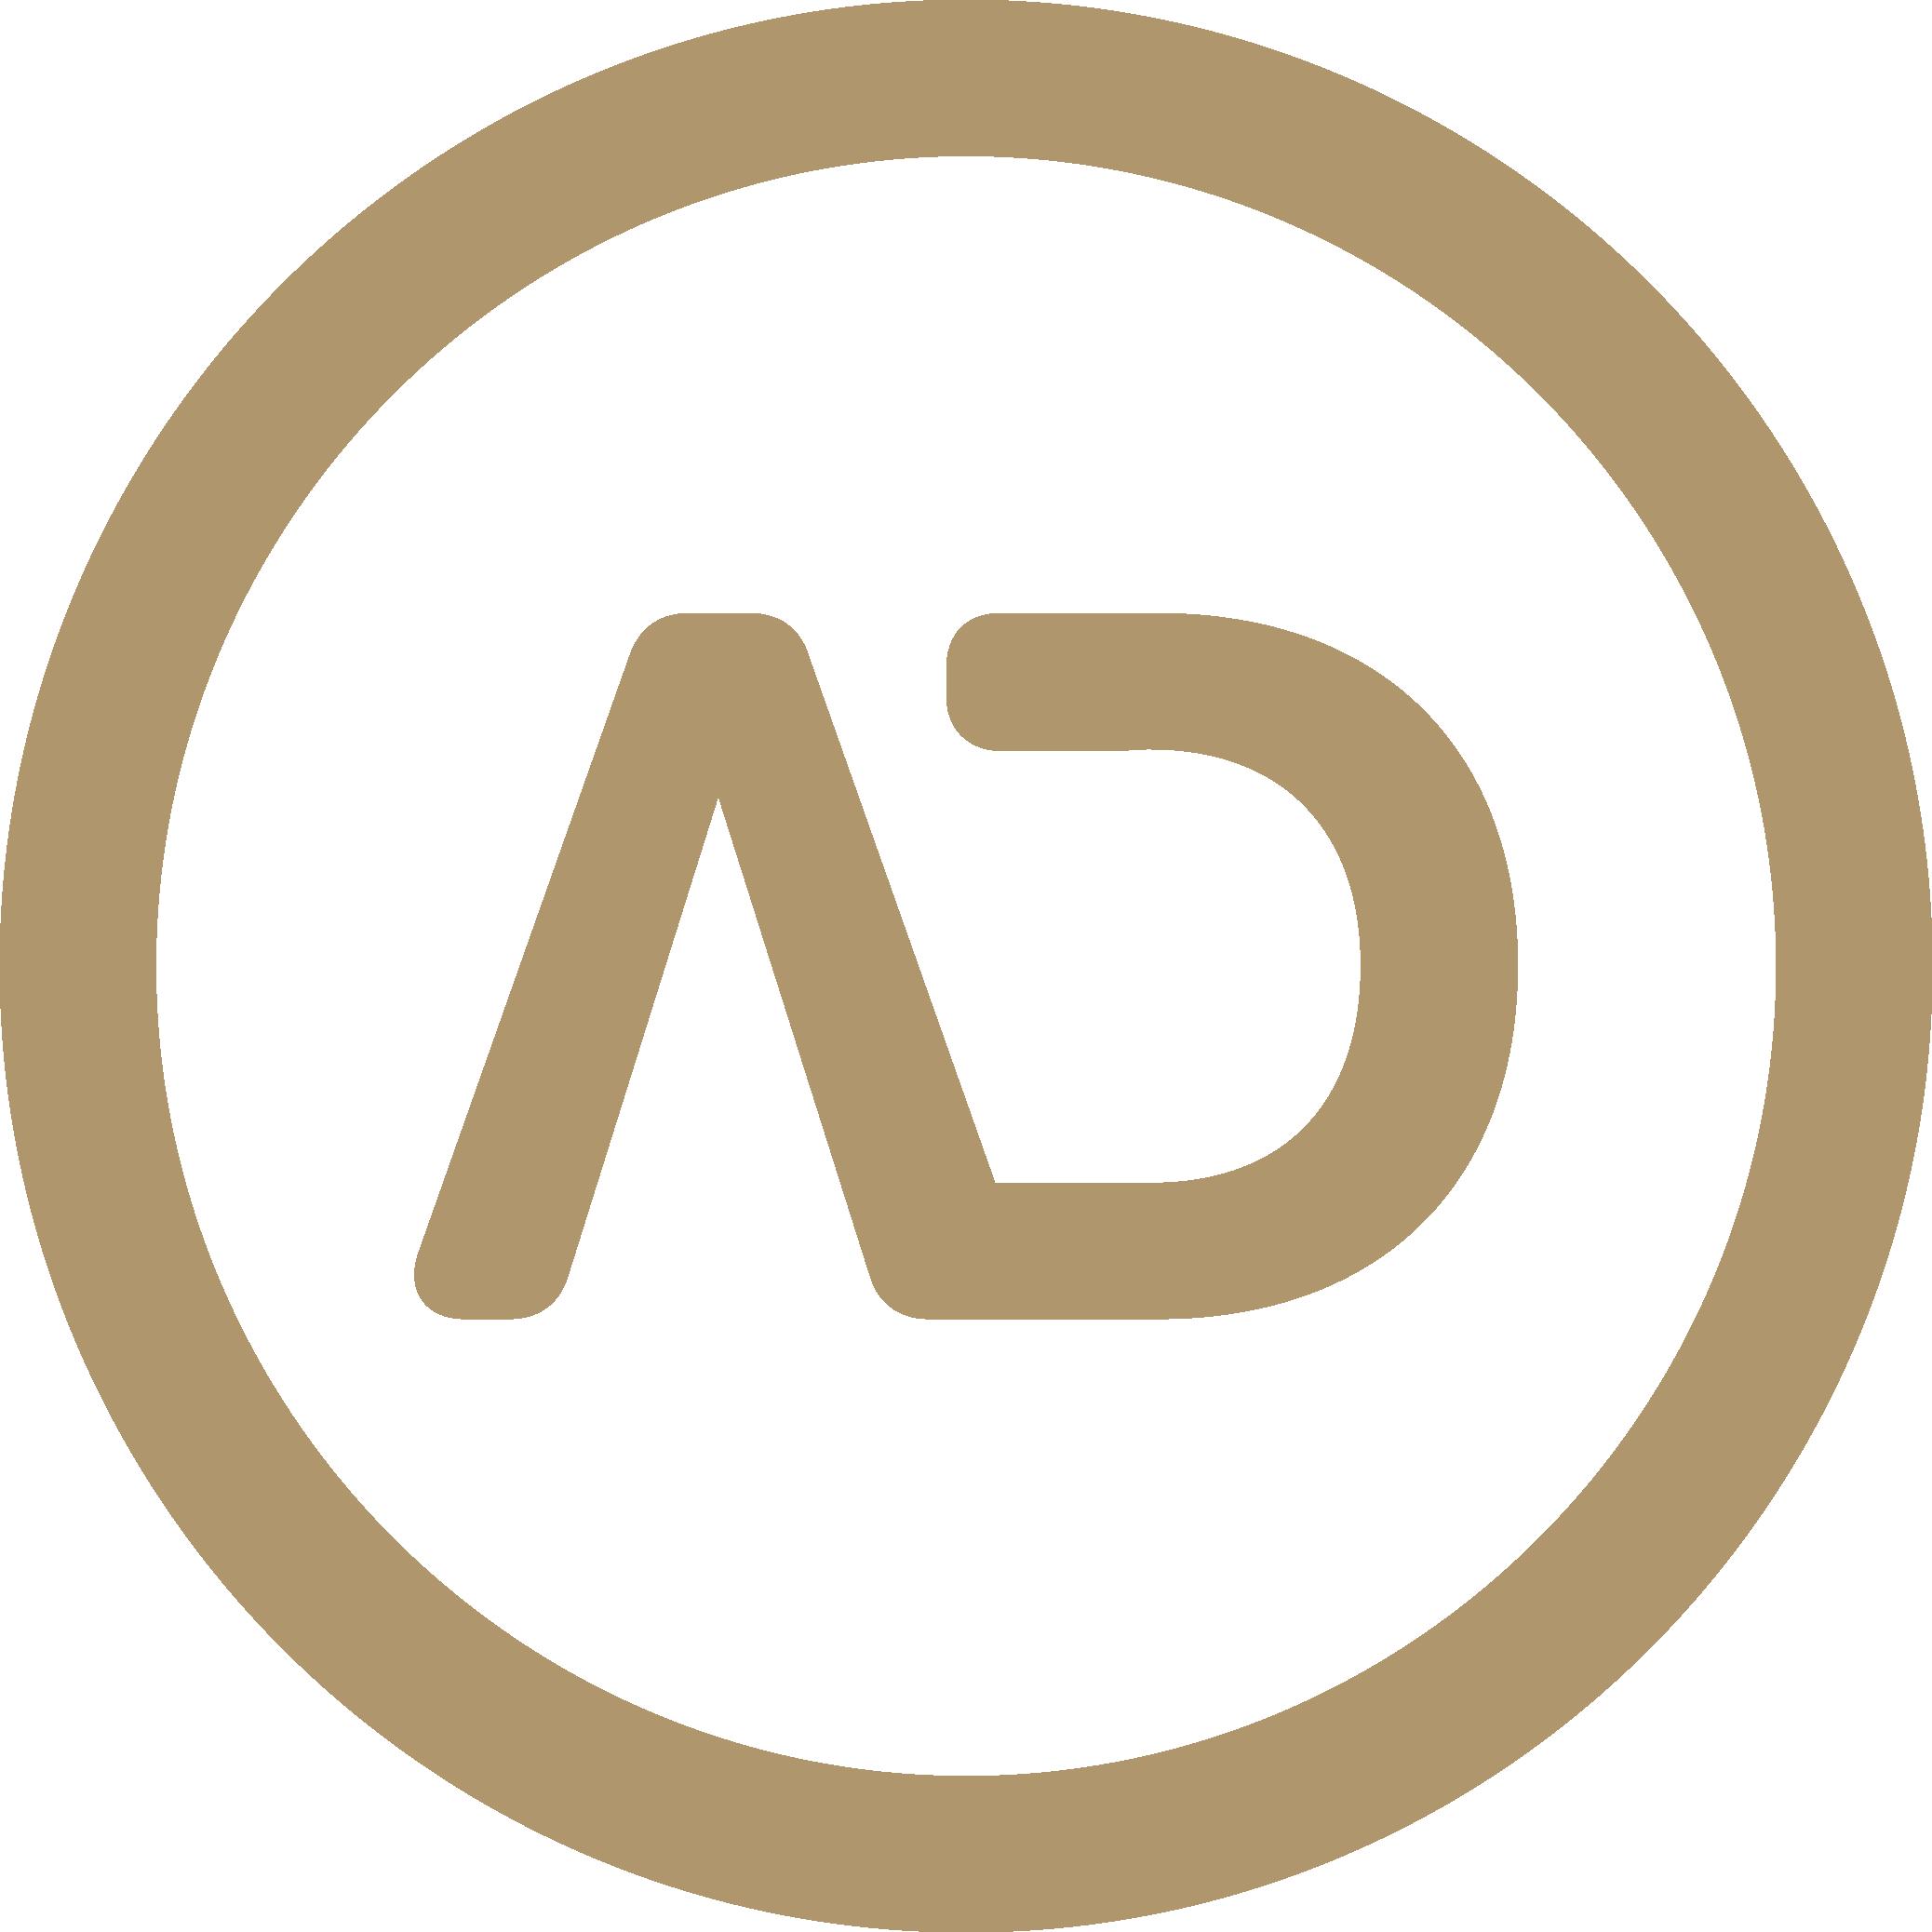 Apploud - UI/UX Designer